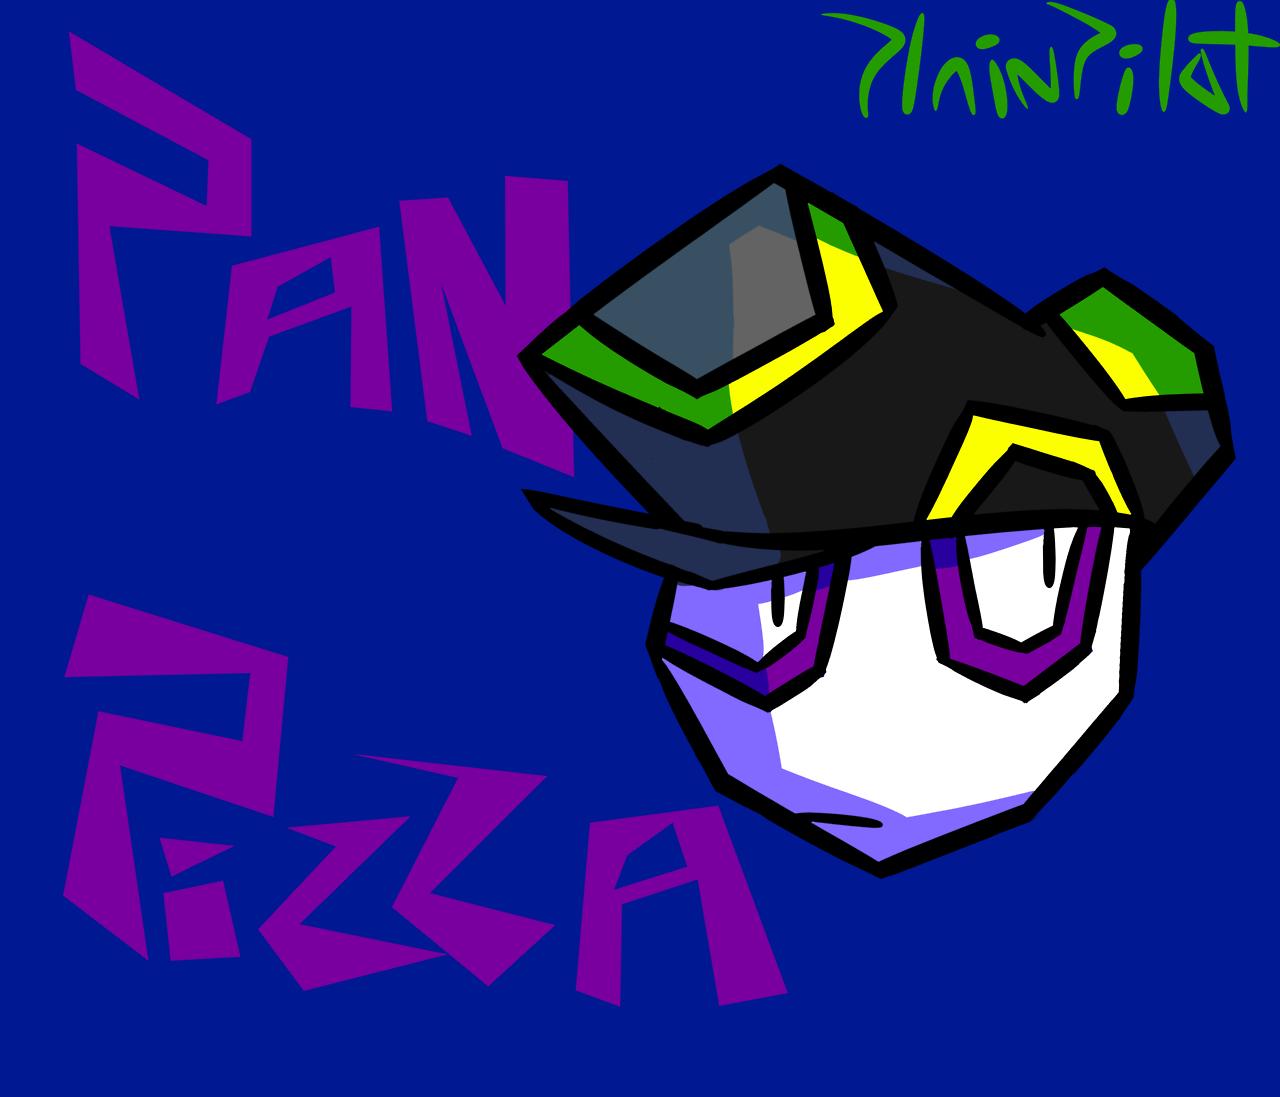 Pan Pizza (again) by PlainPilot